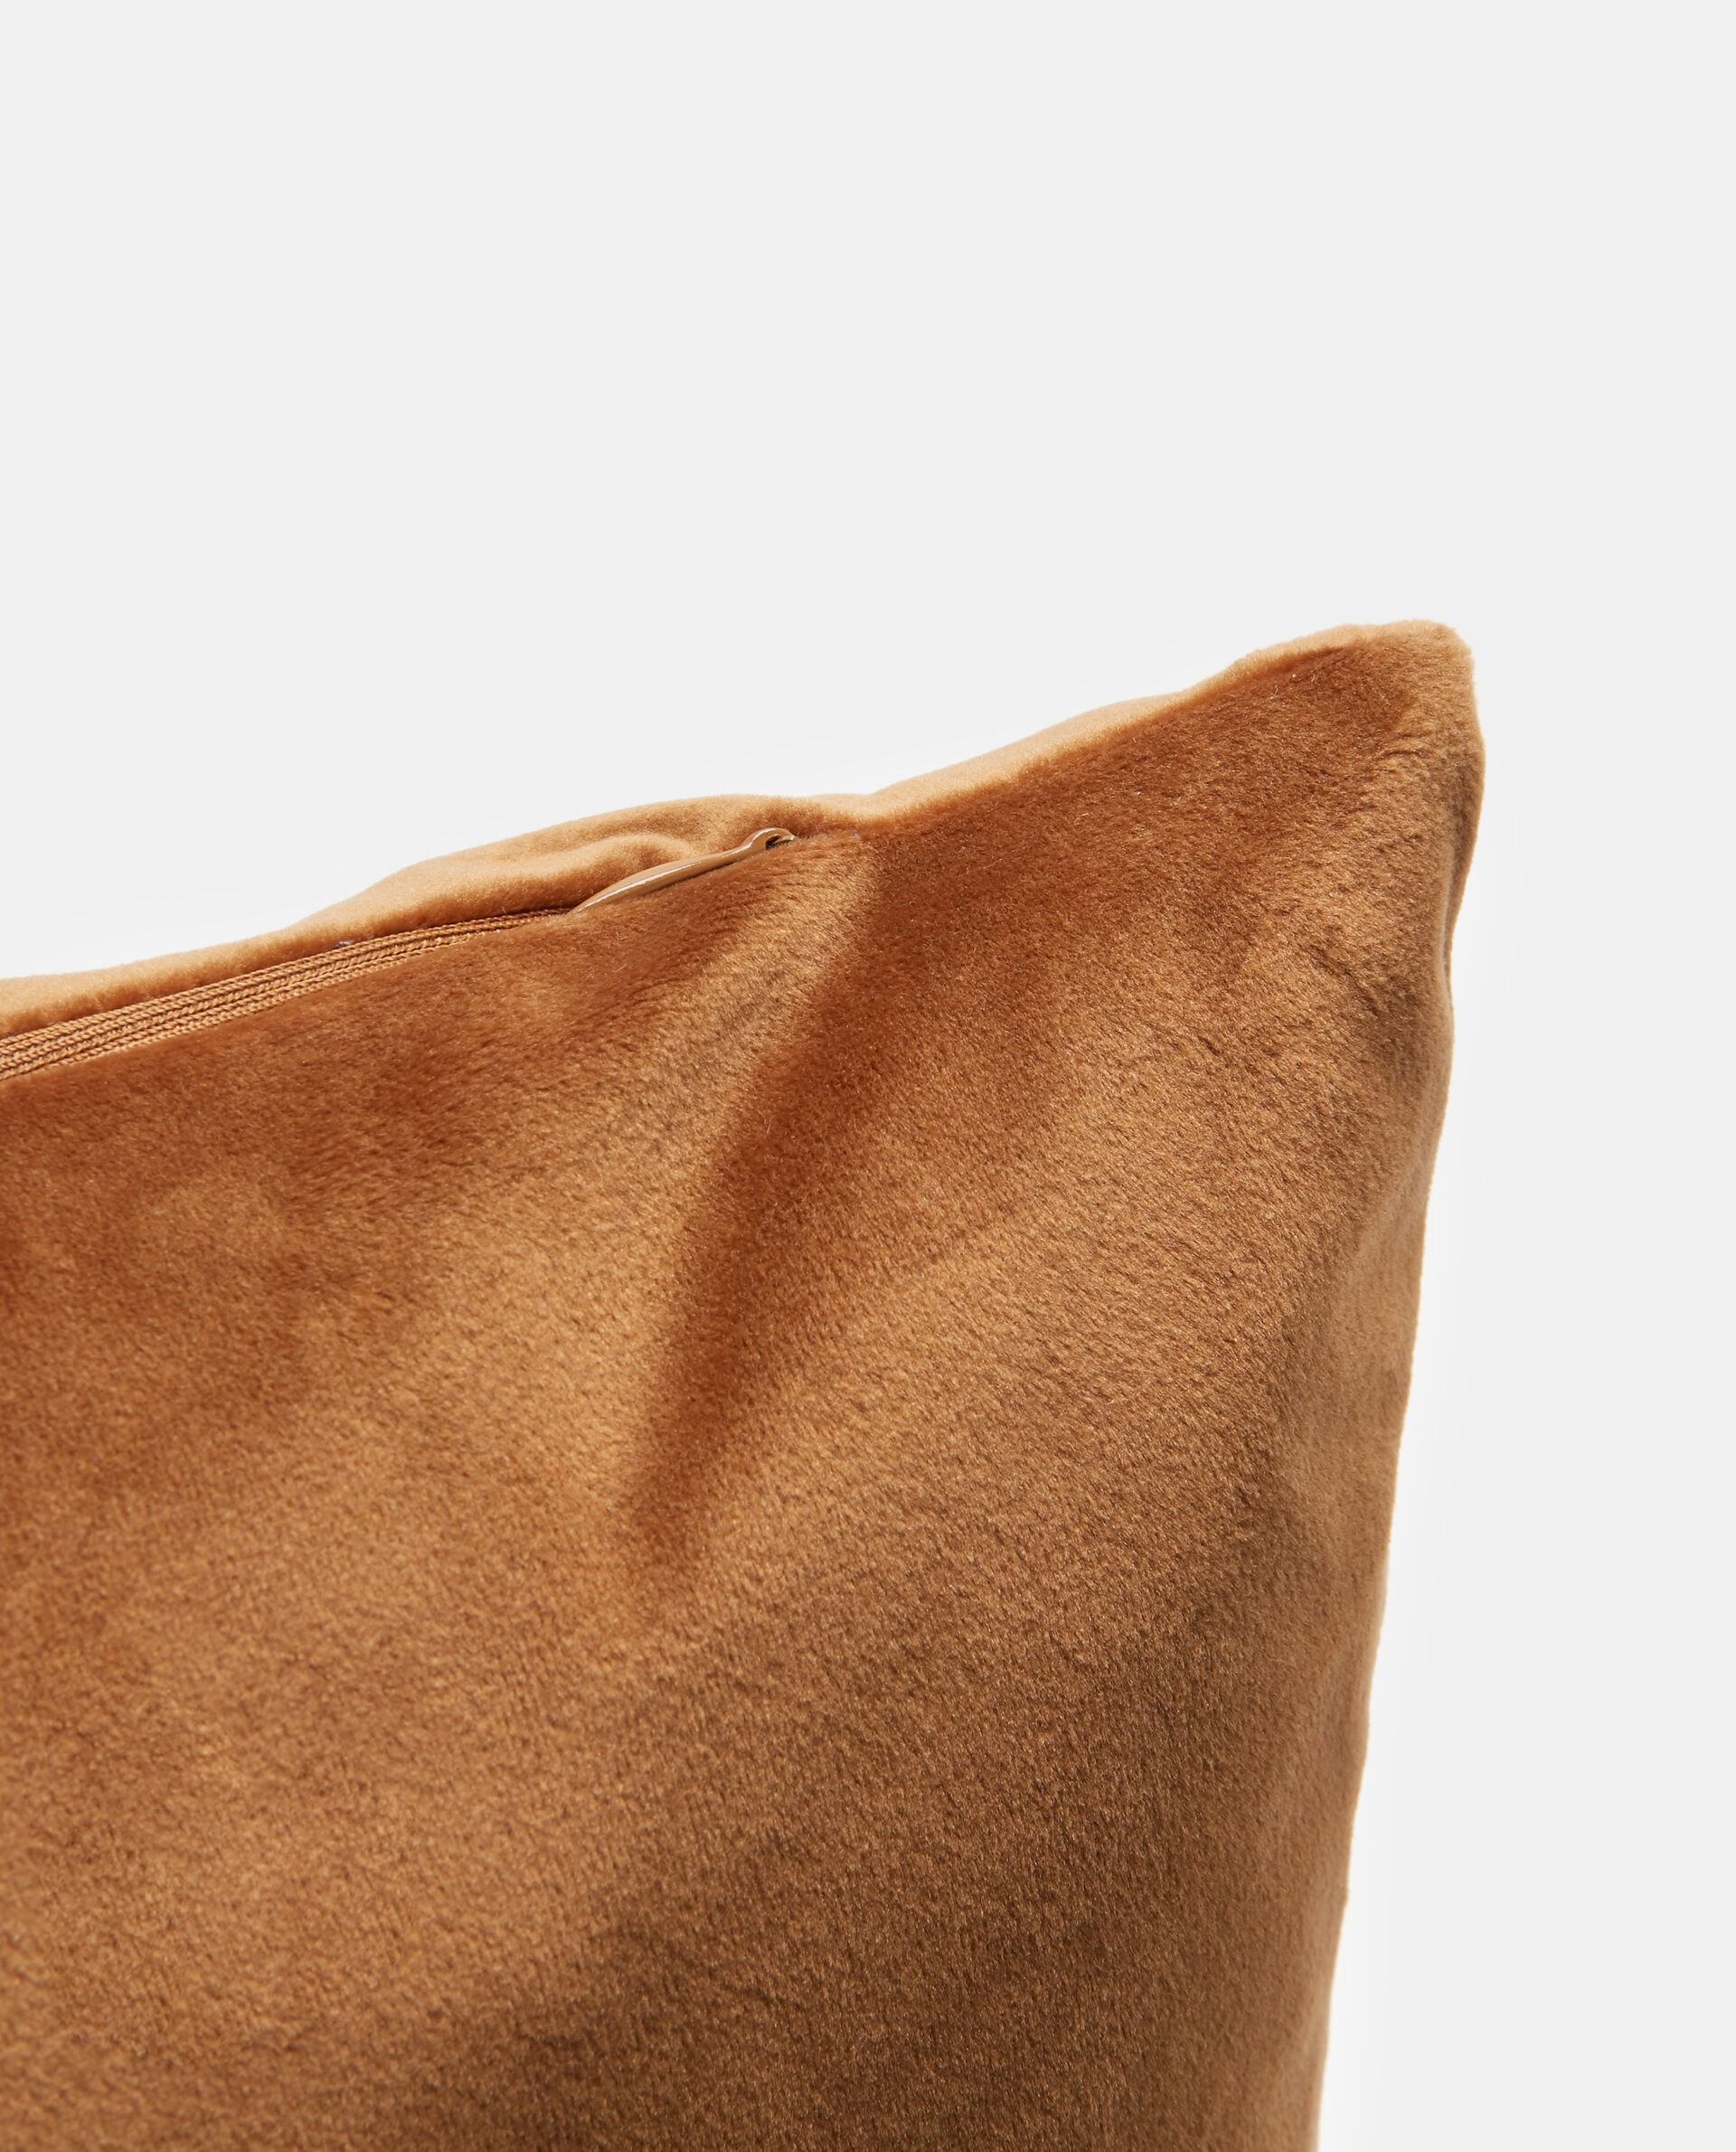 Cuscino quadrato in velluto con zip